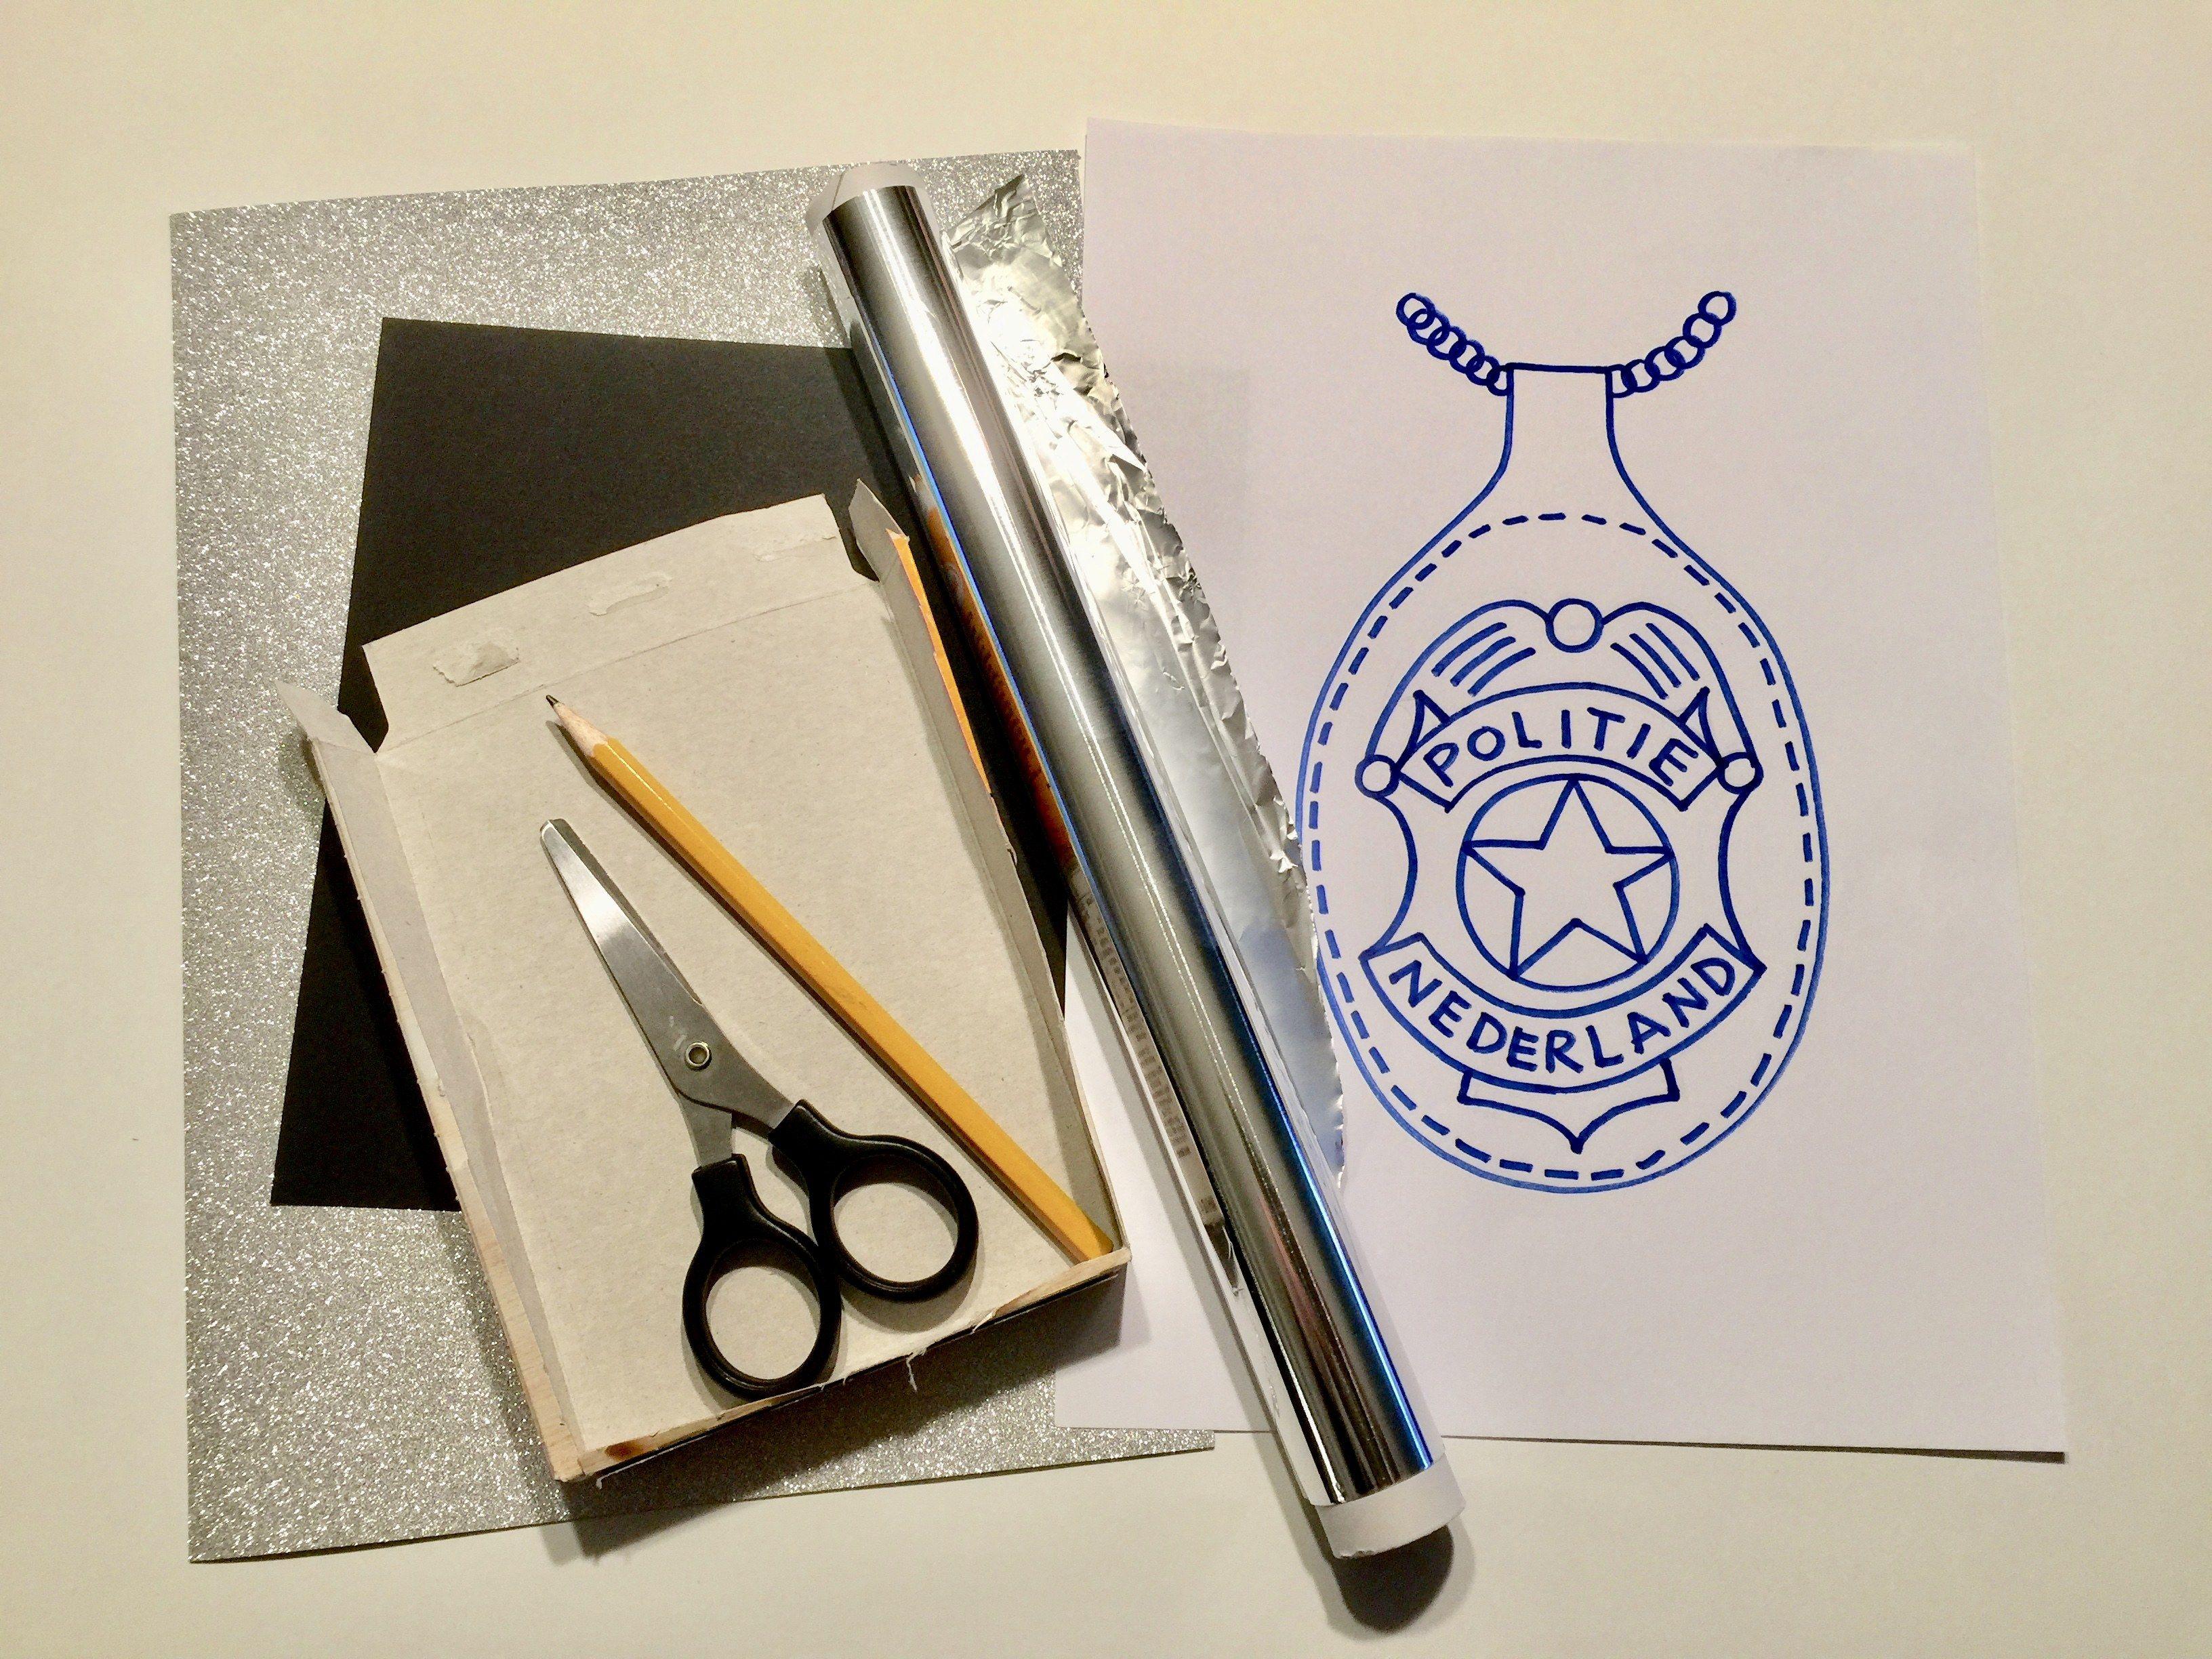 Politiebadge Knutselen Politie Knutselen Creatief Kleurplaat Kleurplaten De Knutseljuf Ede In 2021 Politiebadge Politie Thema